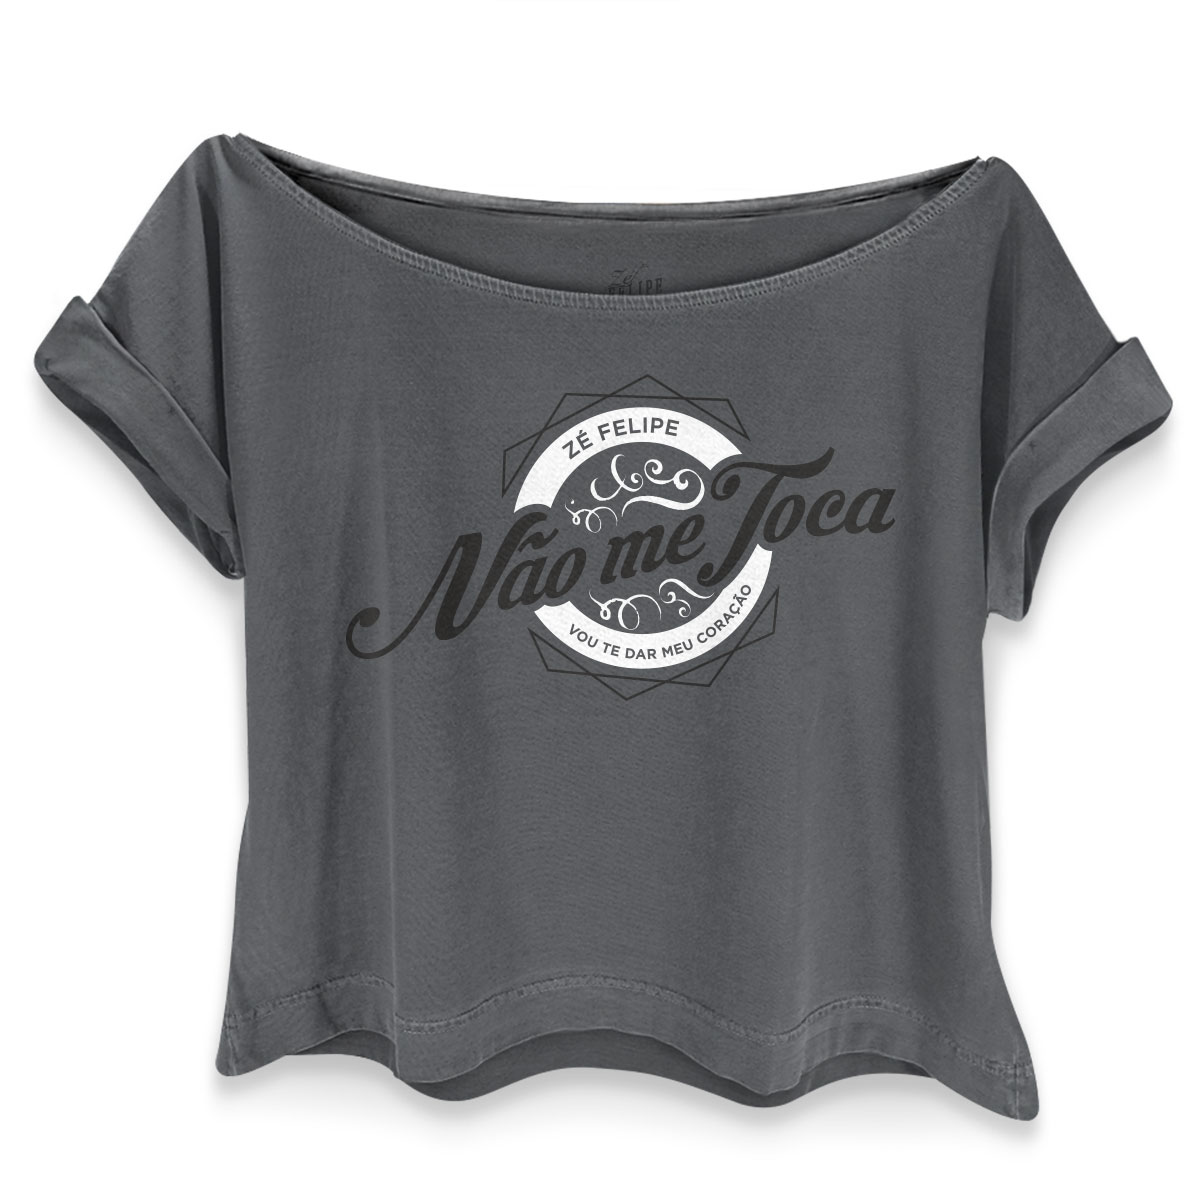 T-shirt Premium Feminina Z� Felipe N�o Me Toca